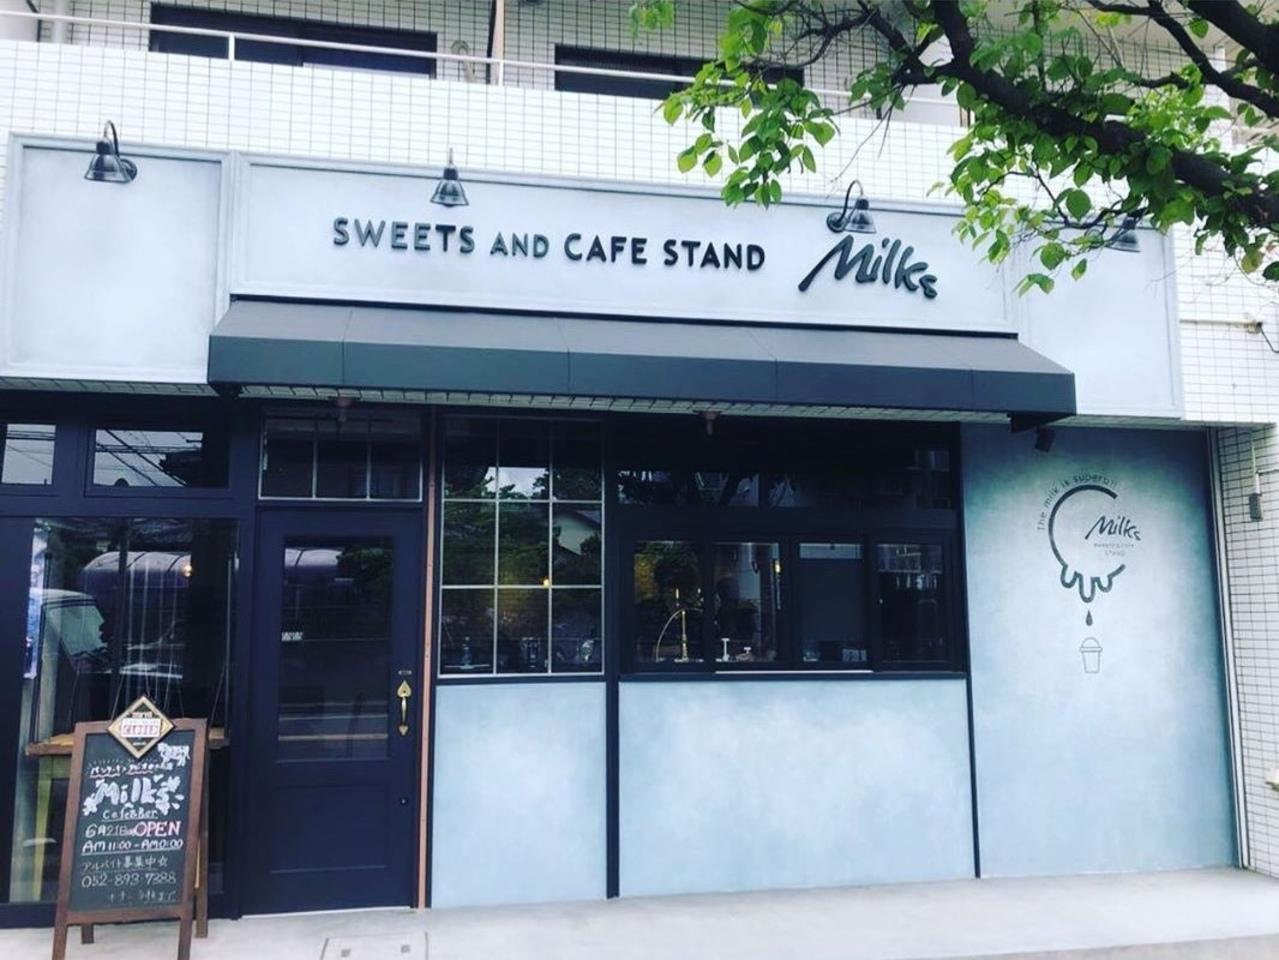 タピオカとパンケーキのおしゃれなカフェ...名古屋市天白区元八事に「ミルクス カフェ」プレオープン